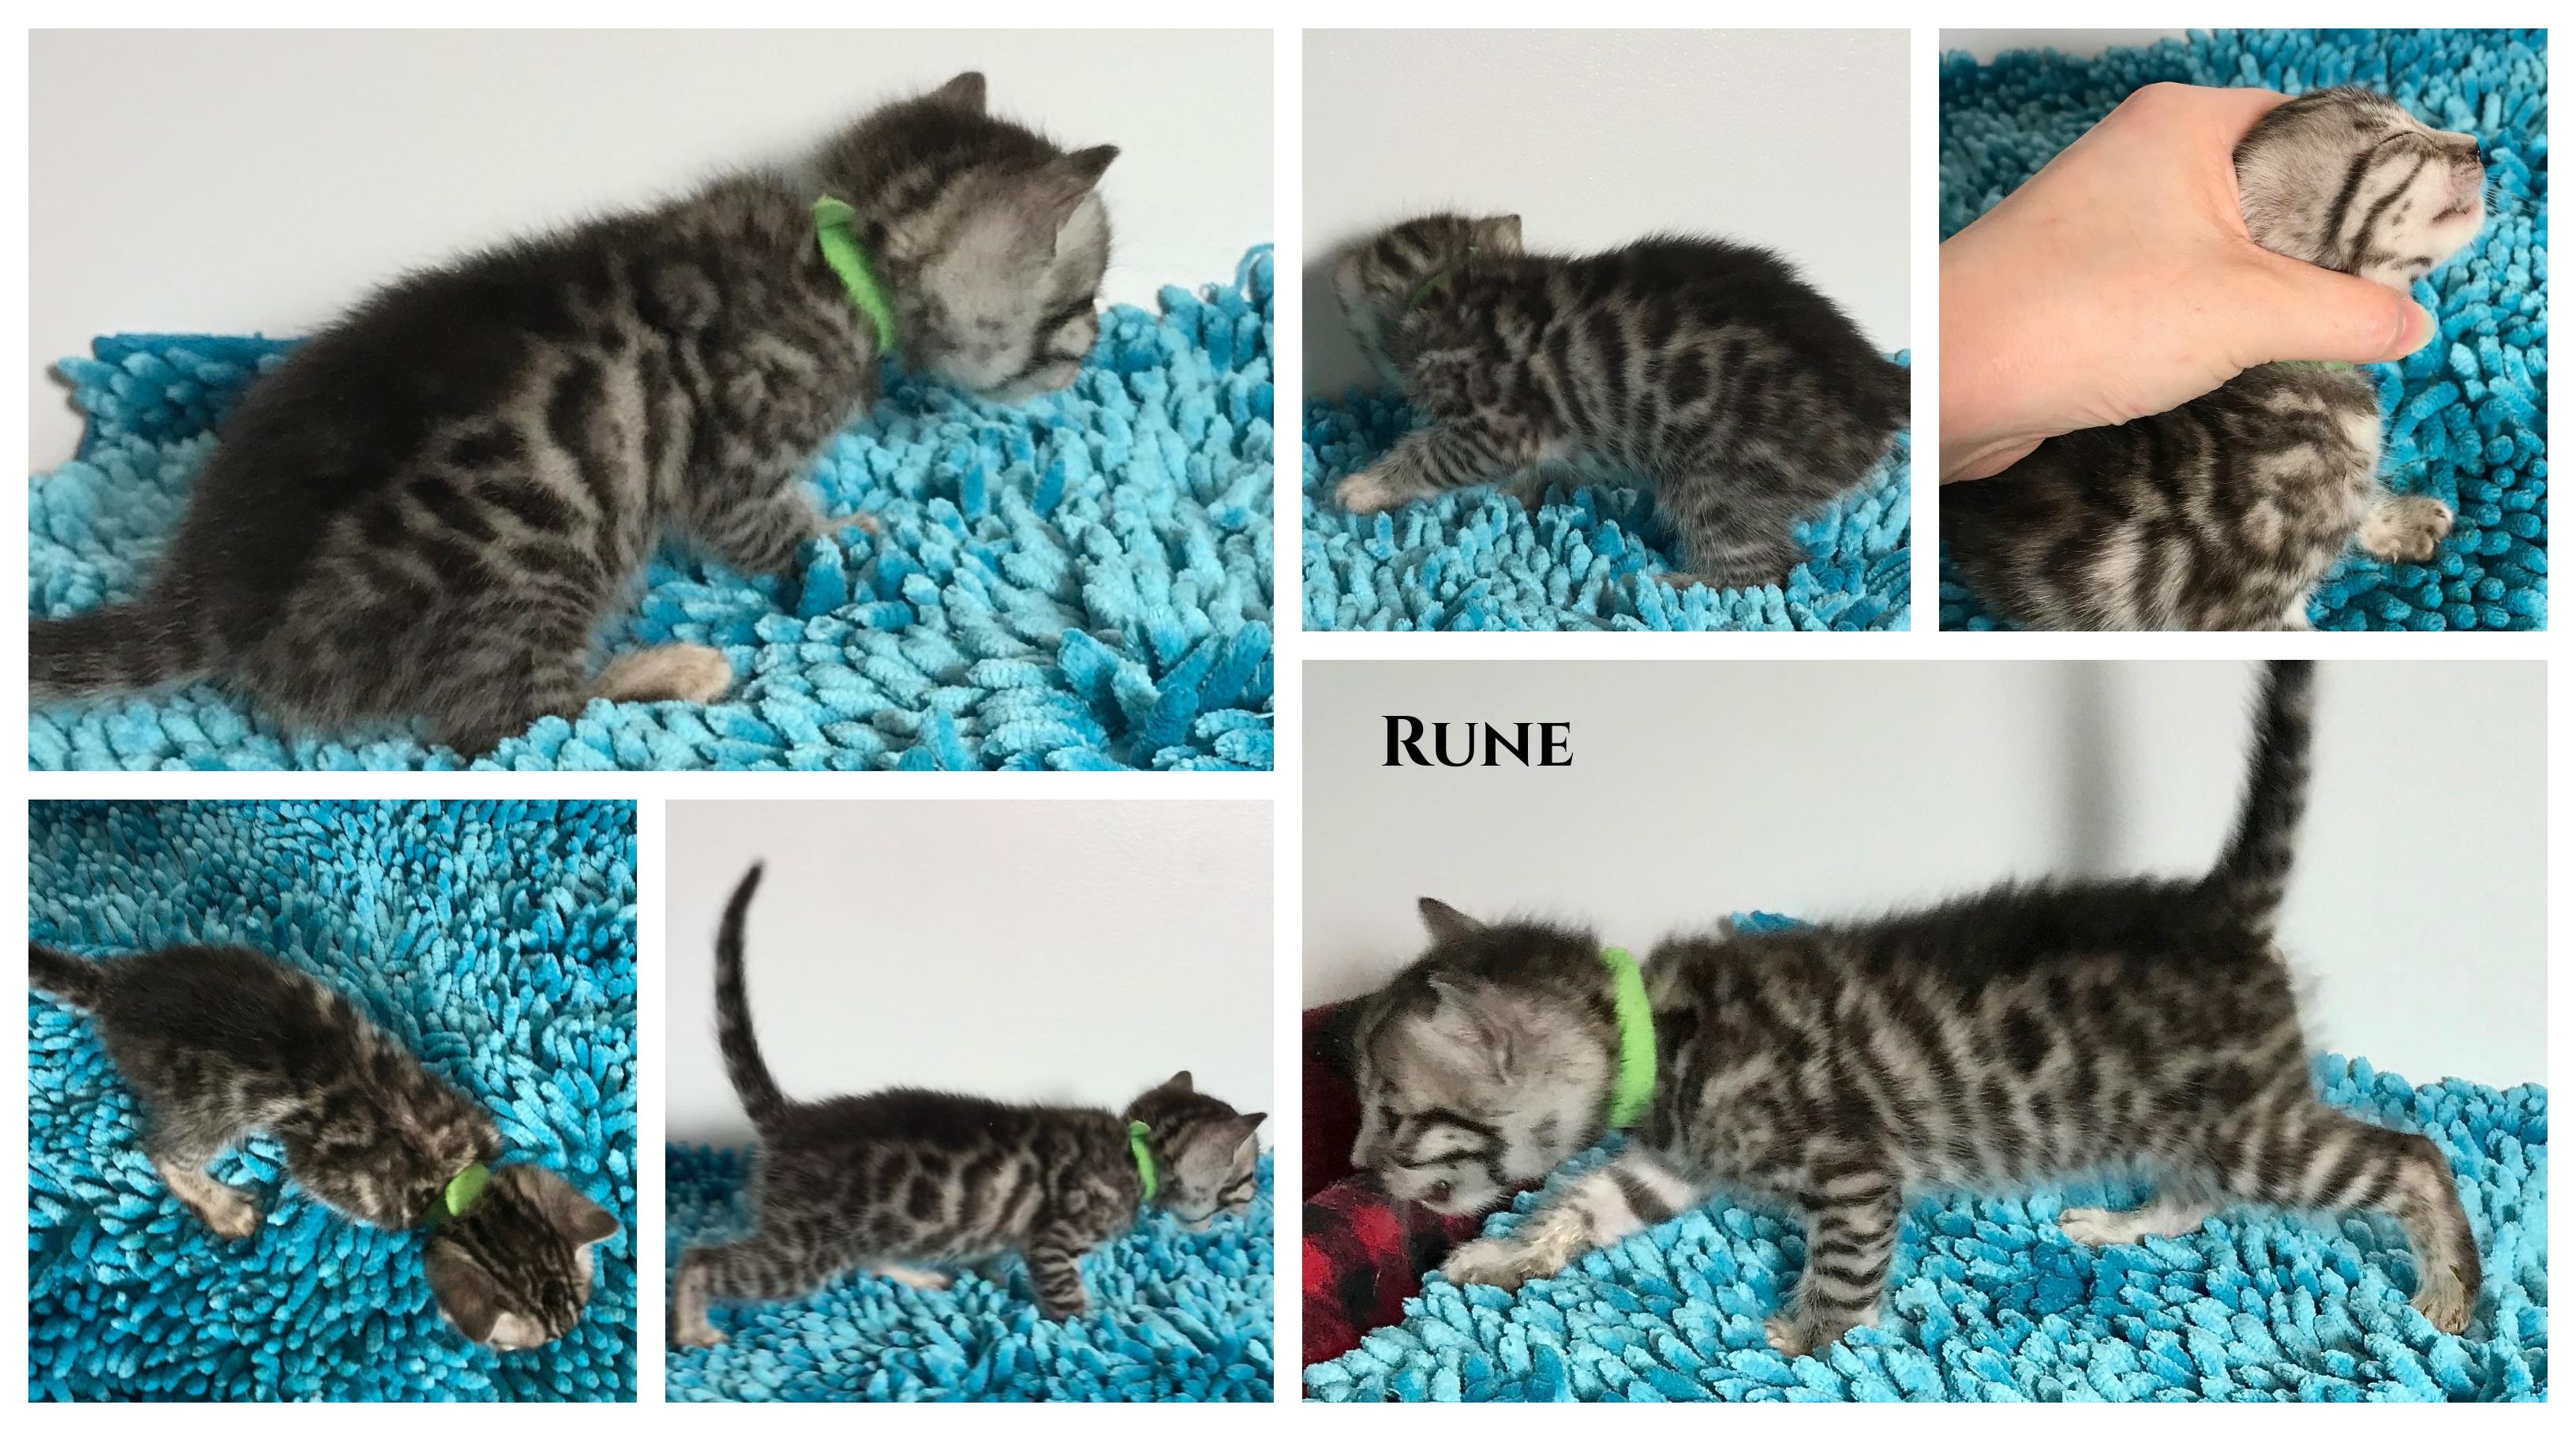 Rune 3 weeks